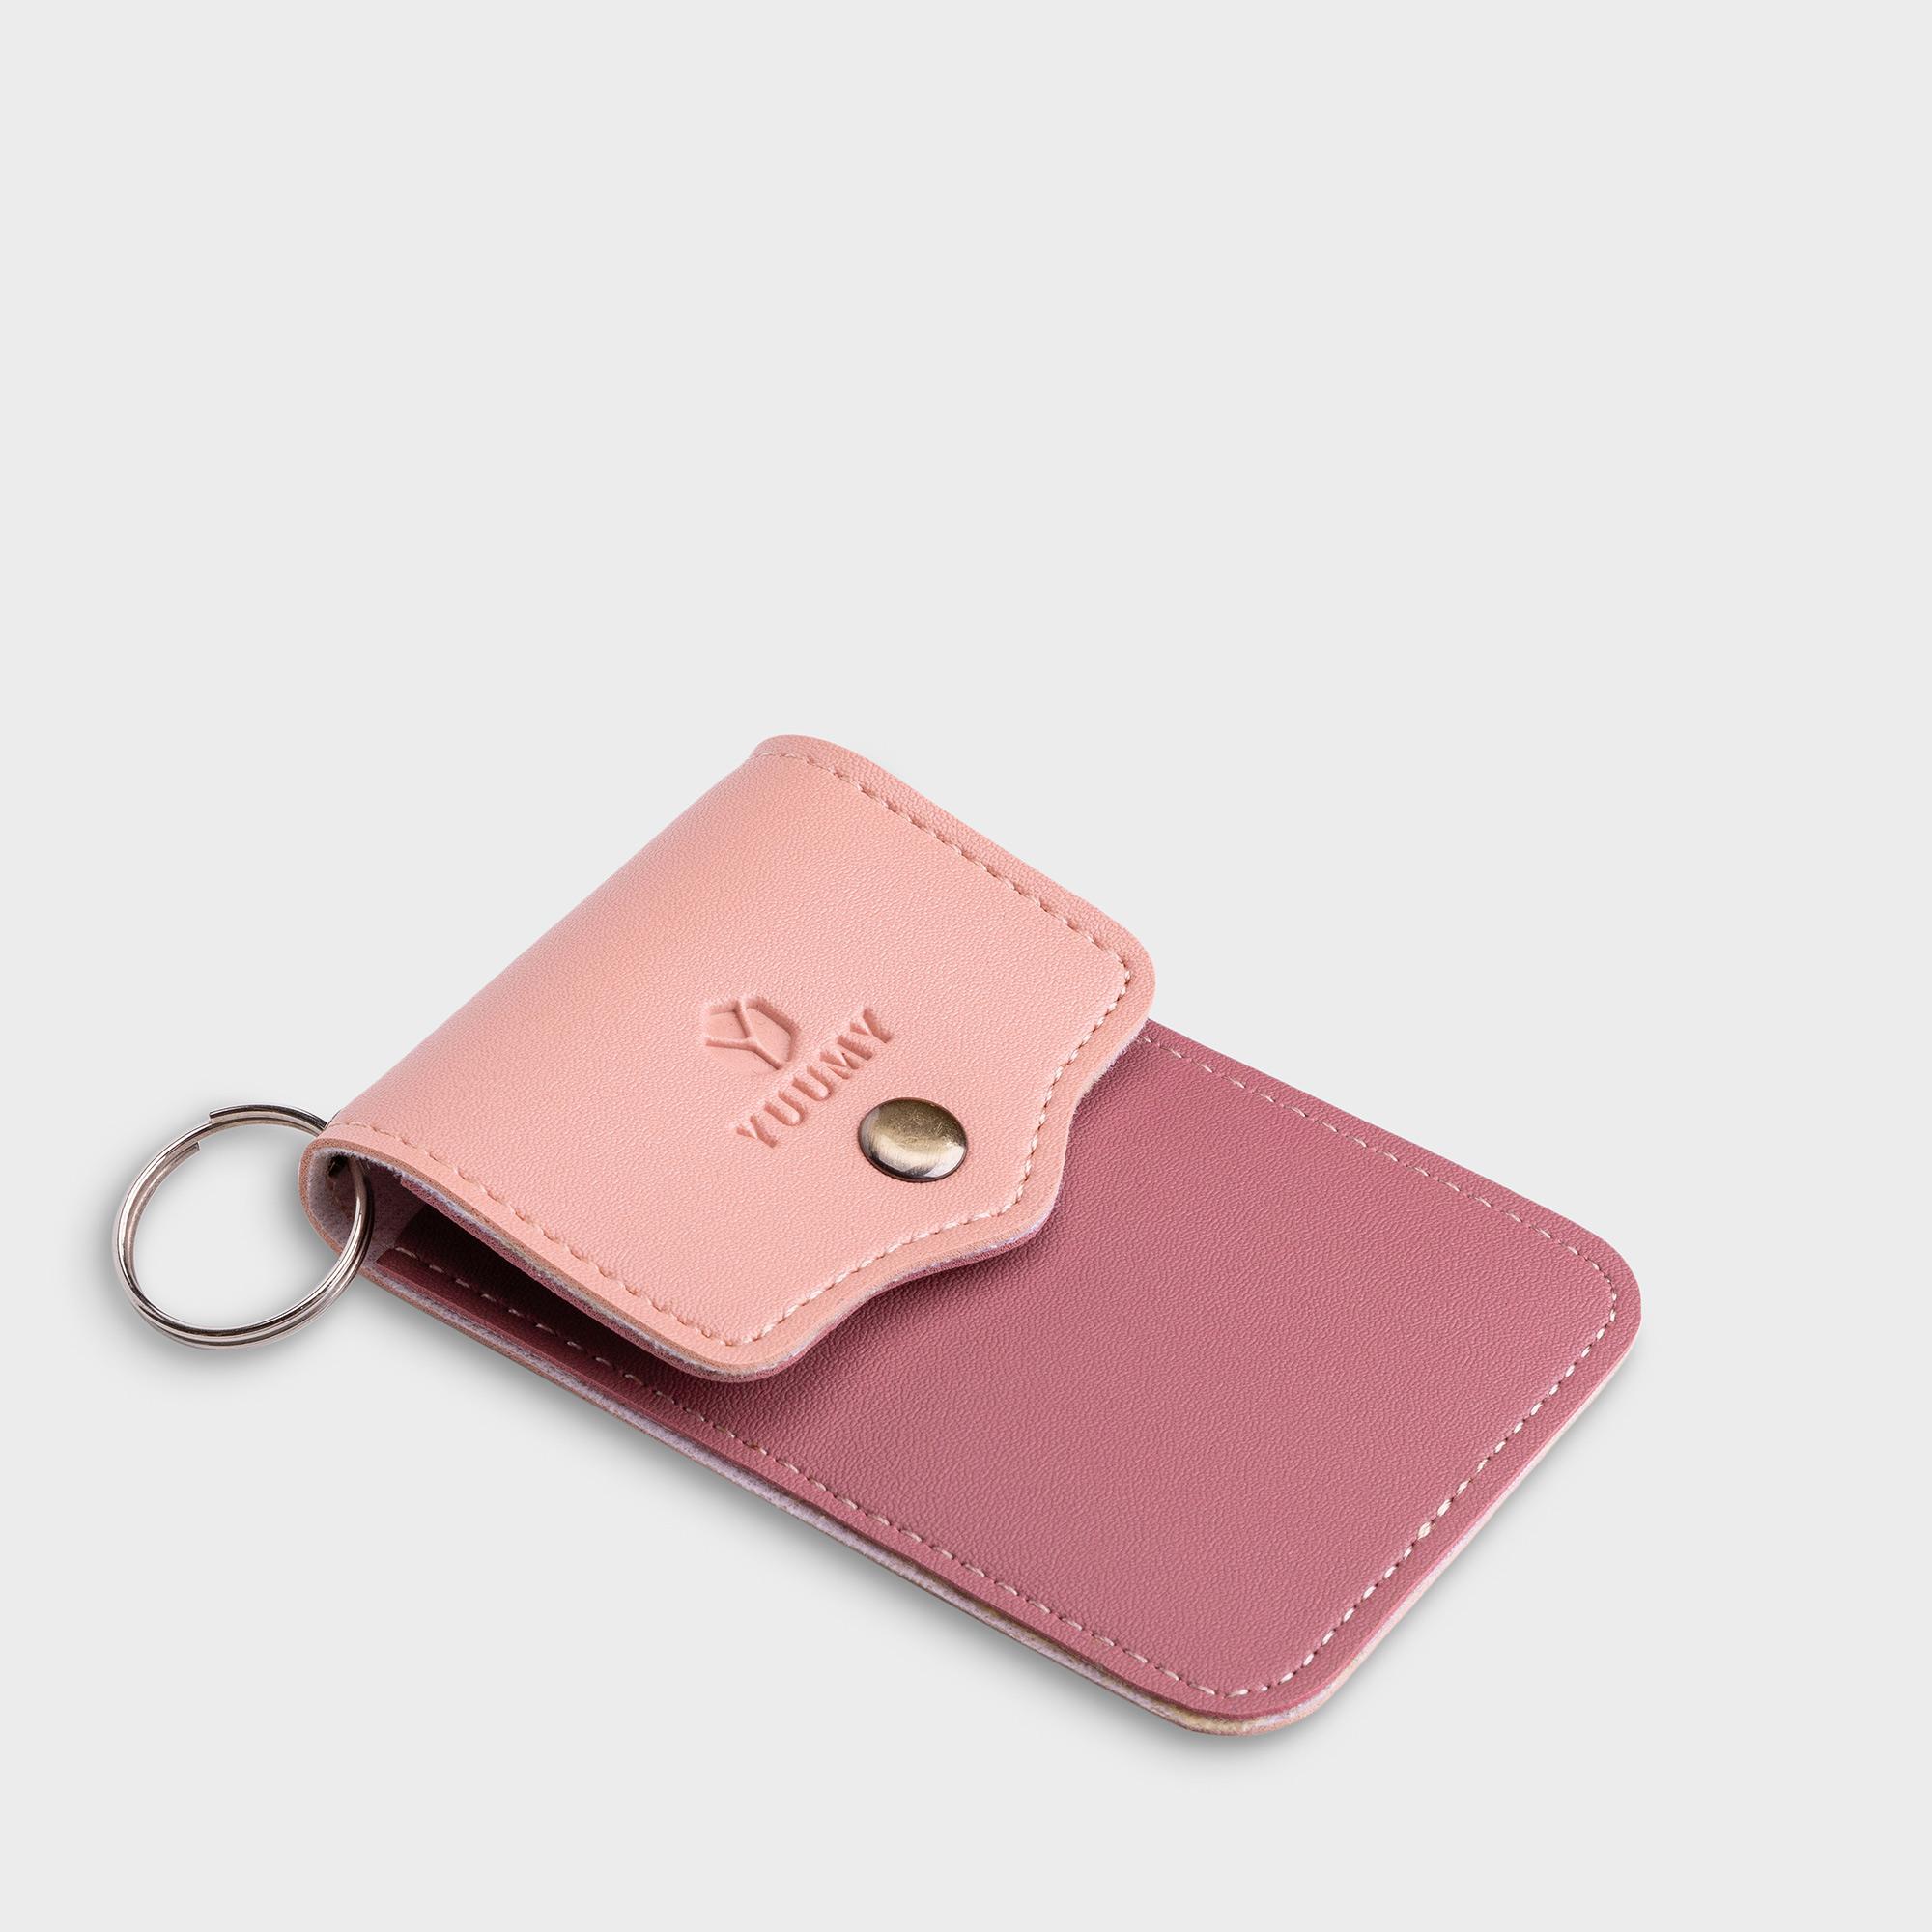 Móc khóa thời trang YUUMY YMK5 - Màu sắc trẻ trung - Thiết kế hiện đại - Đa chức năng sử dụng - Đựng thẻ ngân hàng, thẻ xe, chìa khóa xe - Tiên dụng mang theo bên người (Dài 7cm x Cao 10.5cm)